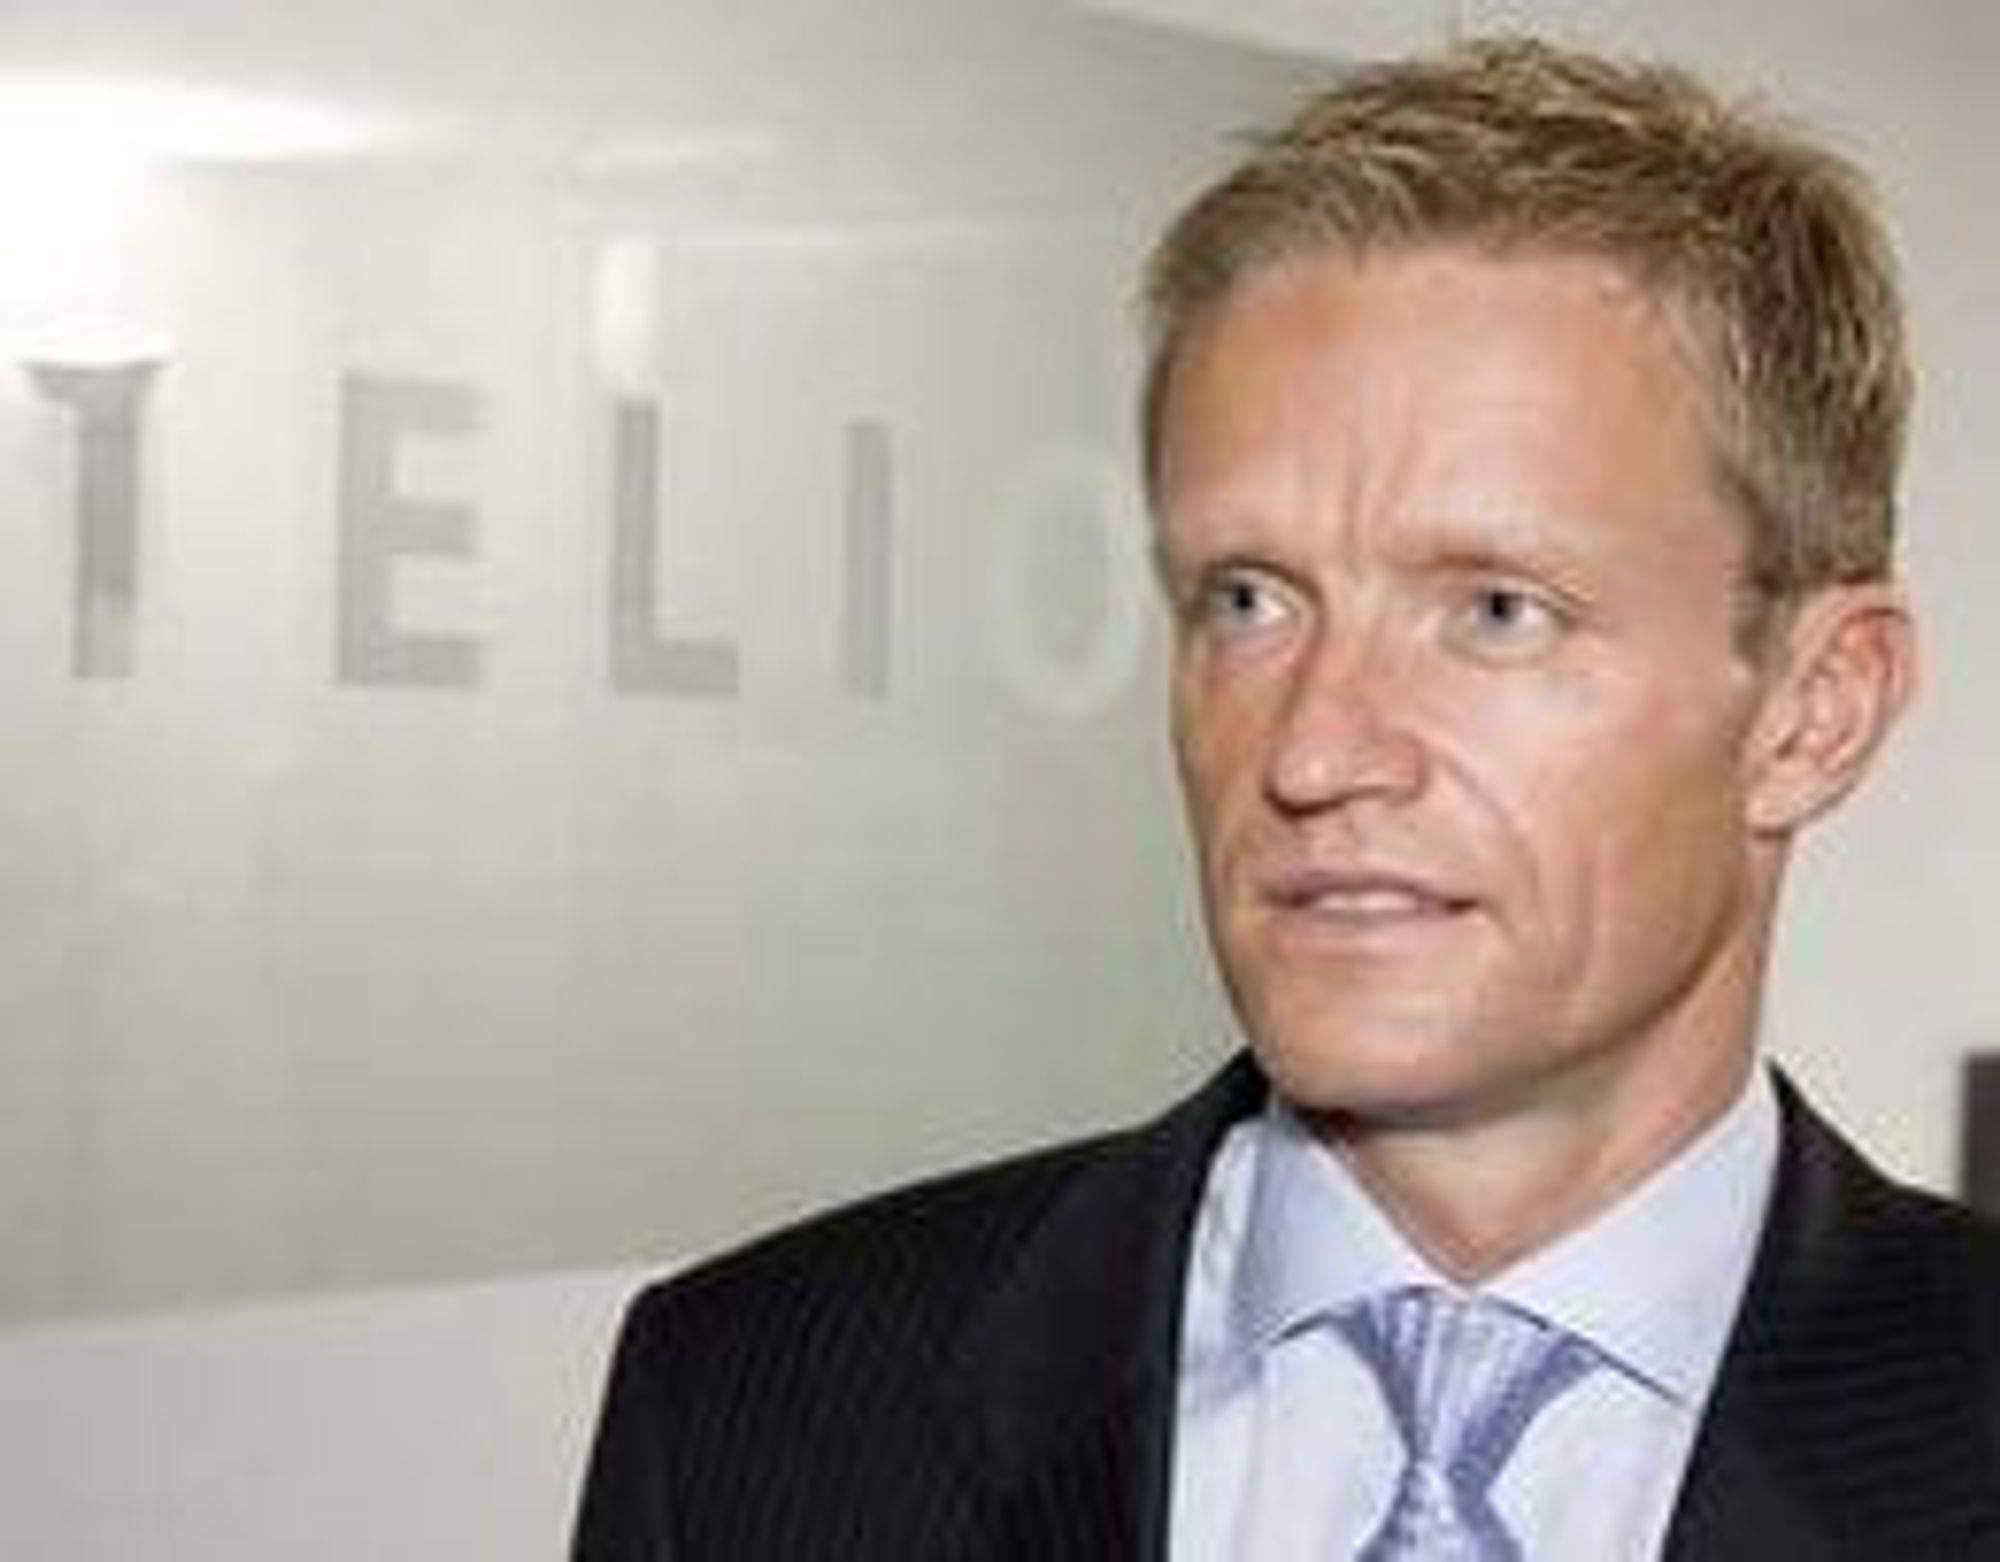 Telio-sjef Eirik Lunde kan stå overfor et gjennombrudd i Europa gjennom flere avtaler med M7.